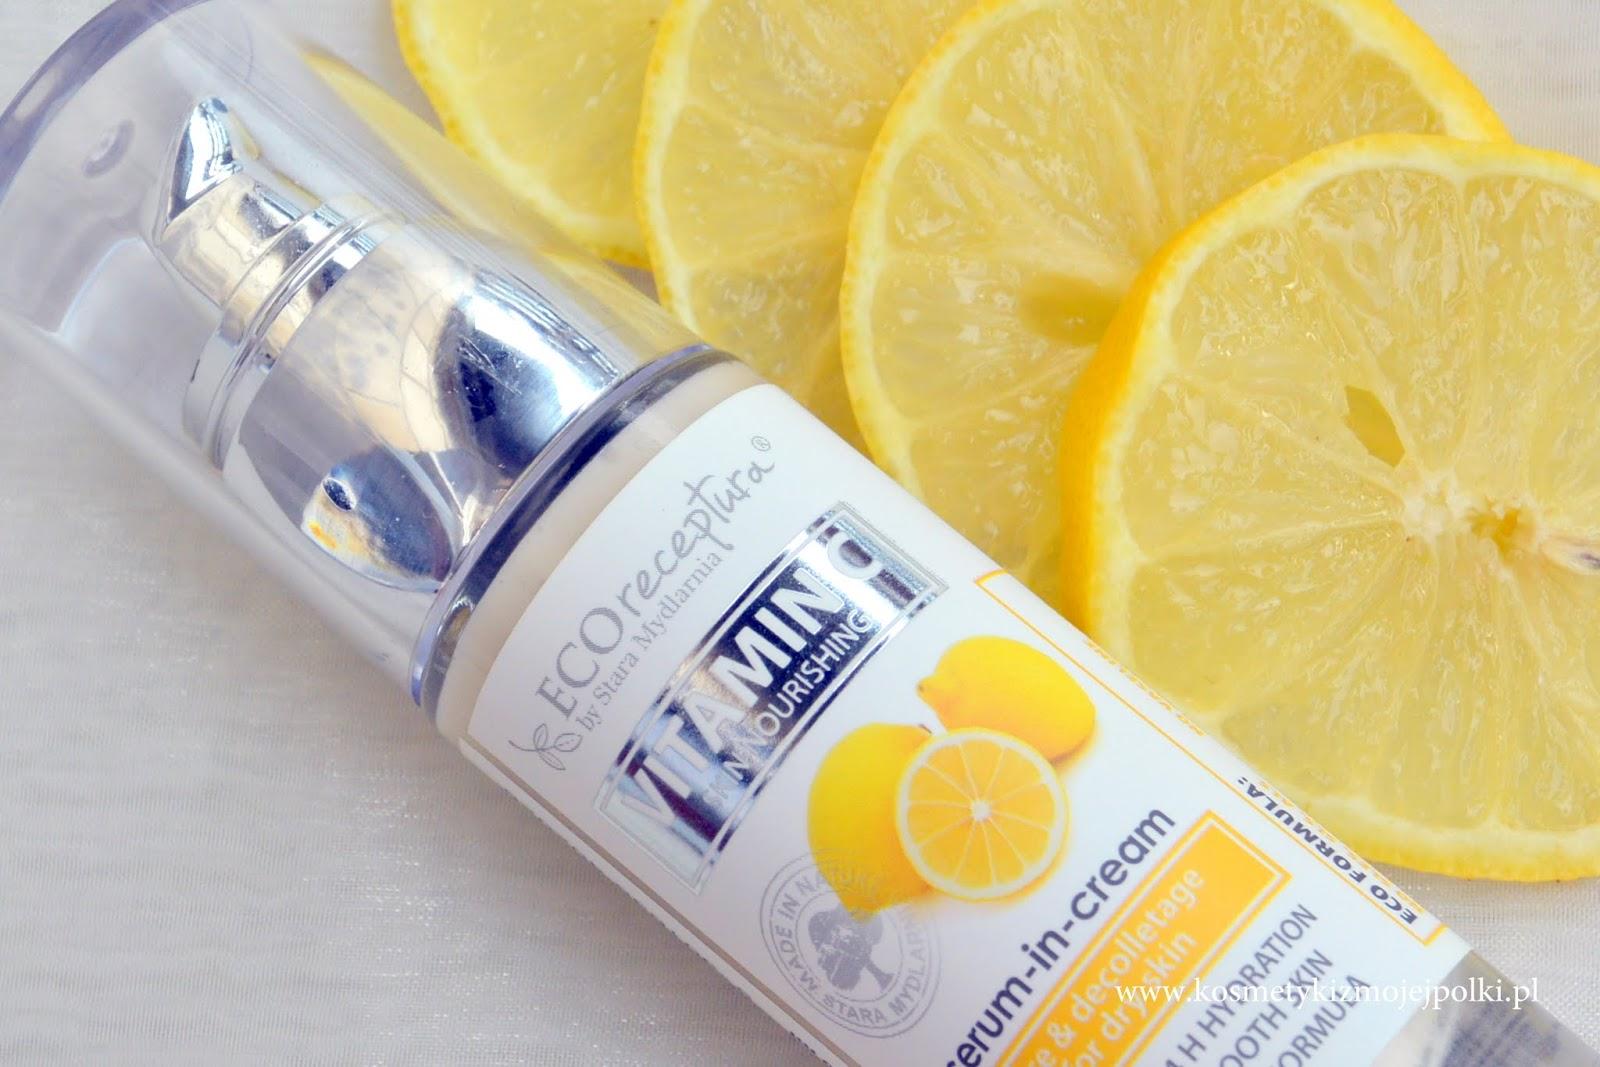 VITAMIN C serum-in-cream | Kremowe serum do twarzy Stara Mydlarnia